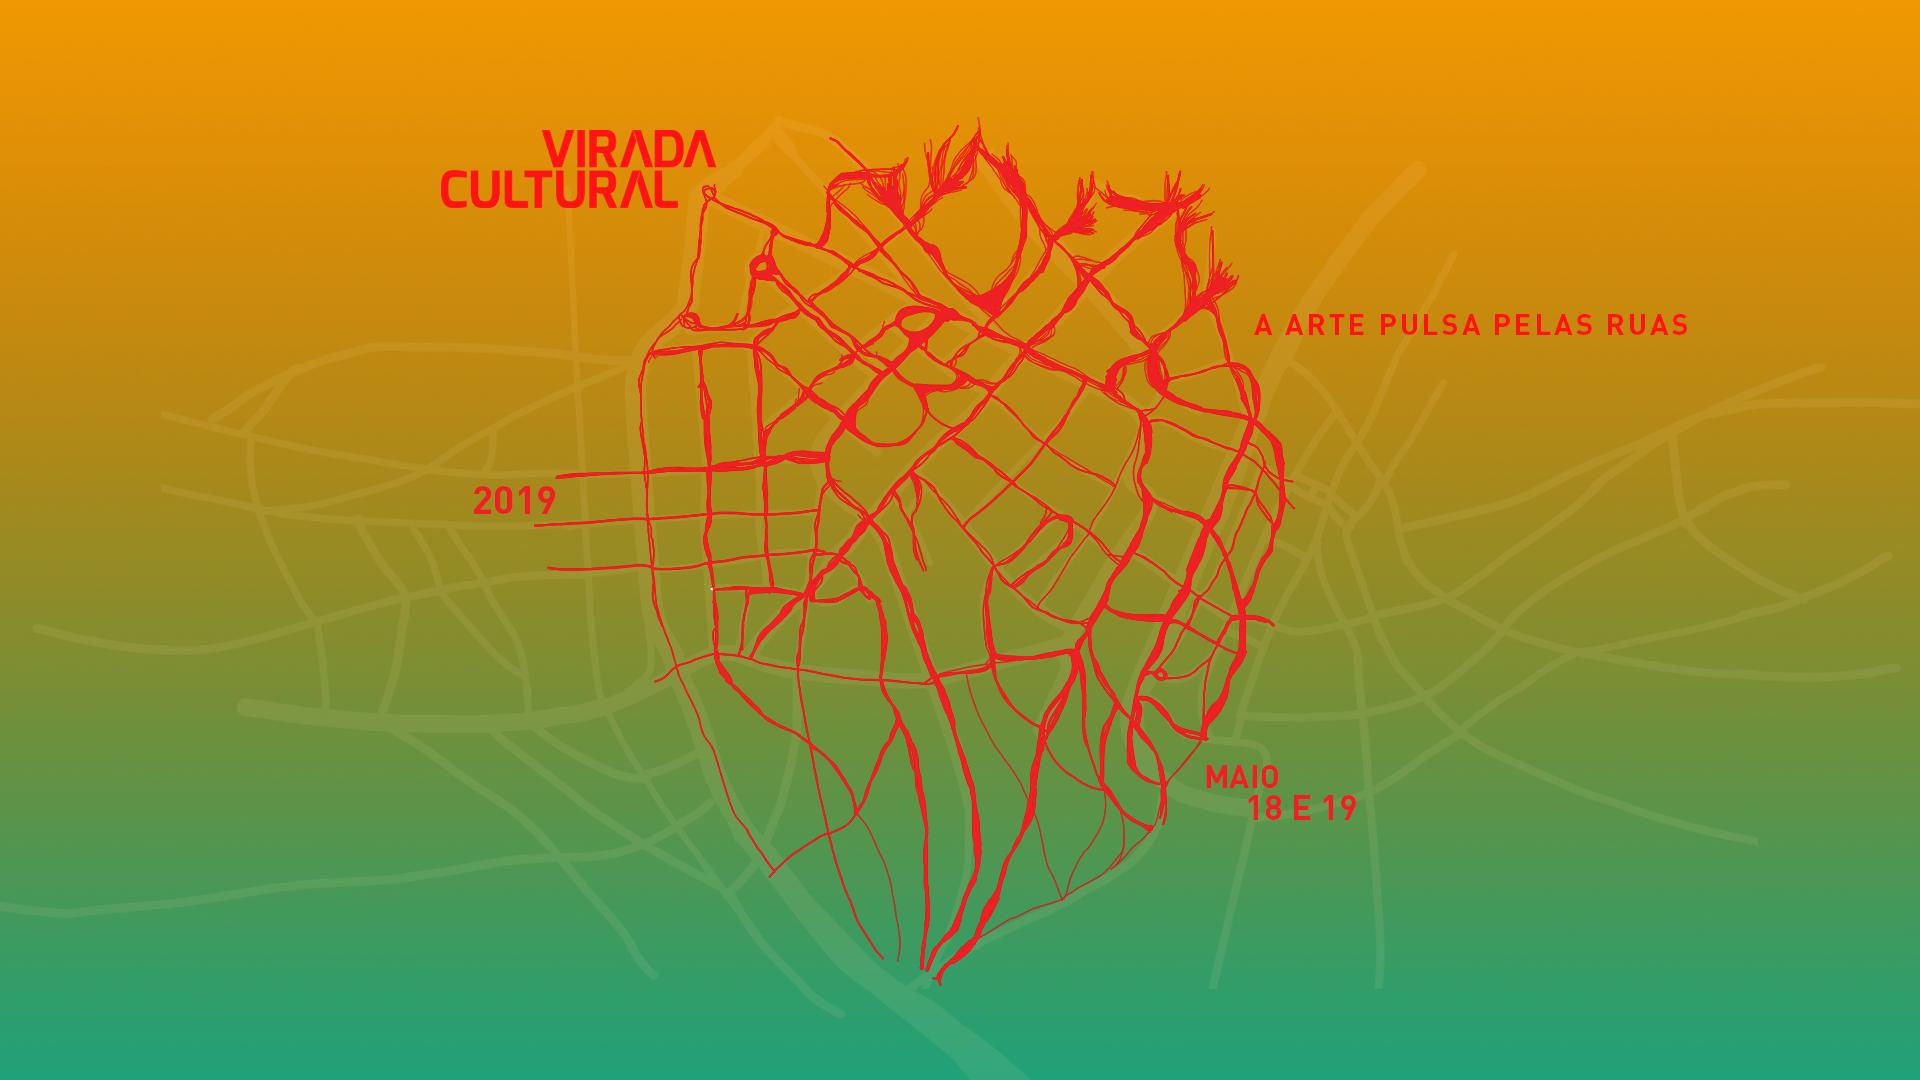 Secretaria Municipal de Cultura recebe propostas artísticas para a 15ª edição da Virada Cultural até 16 de dezembro